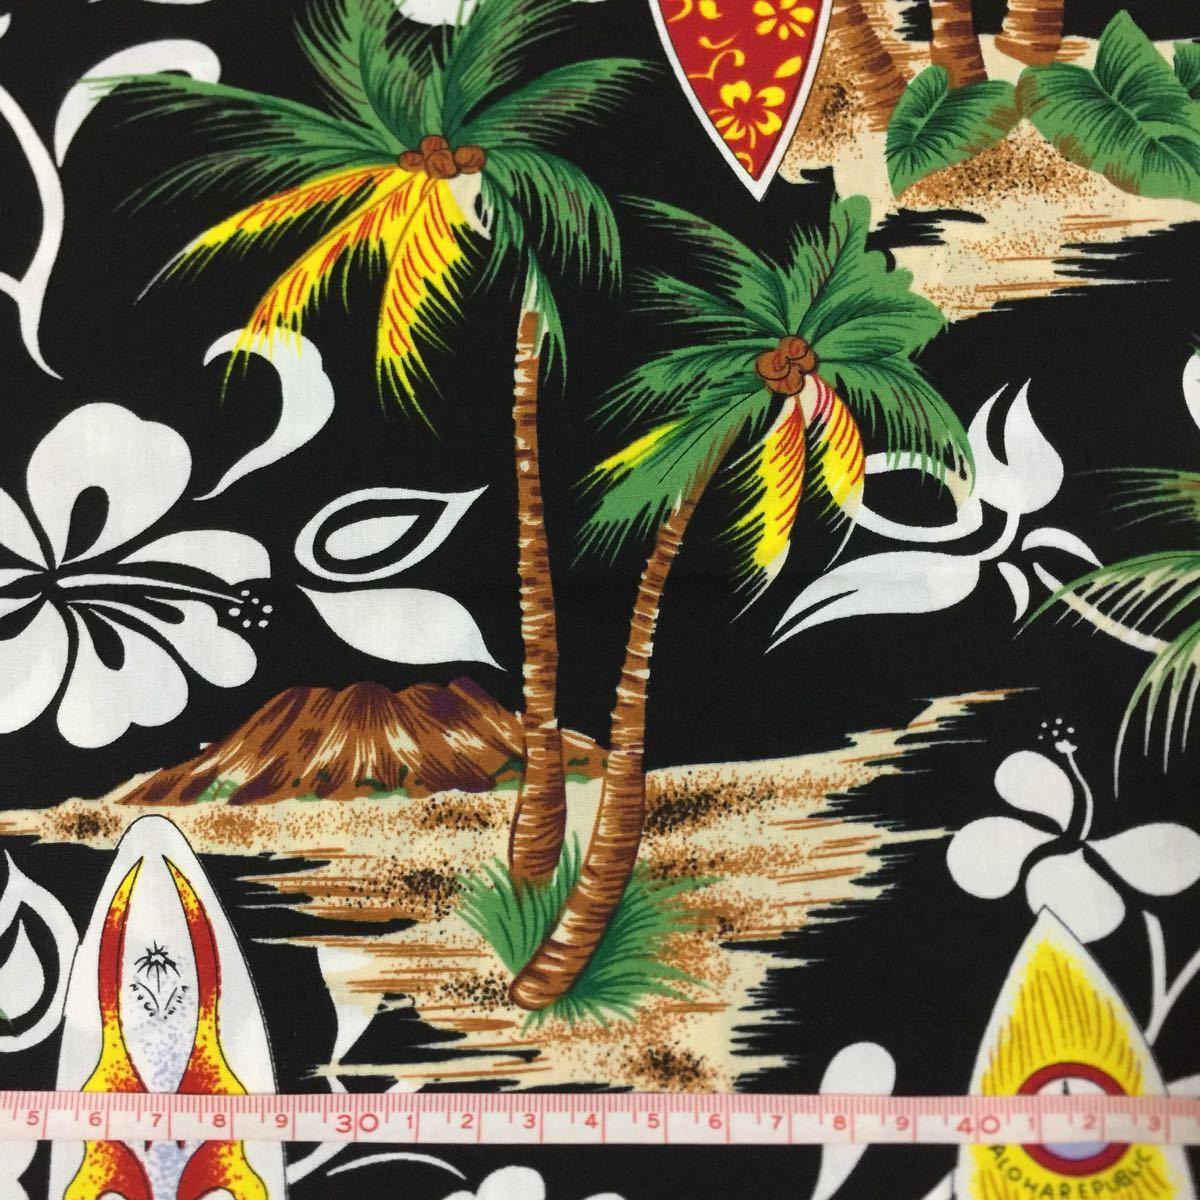 生地 ハギレ 布 ハワイアン ヤシの木花柄 50cm 黒色